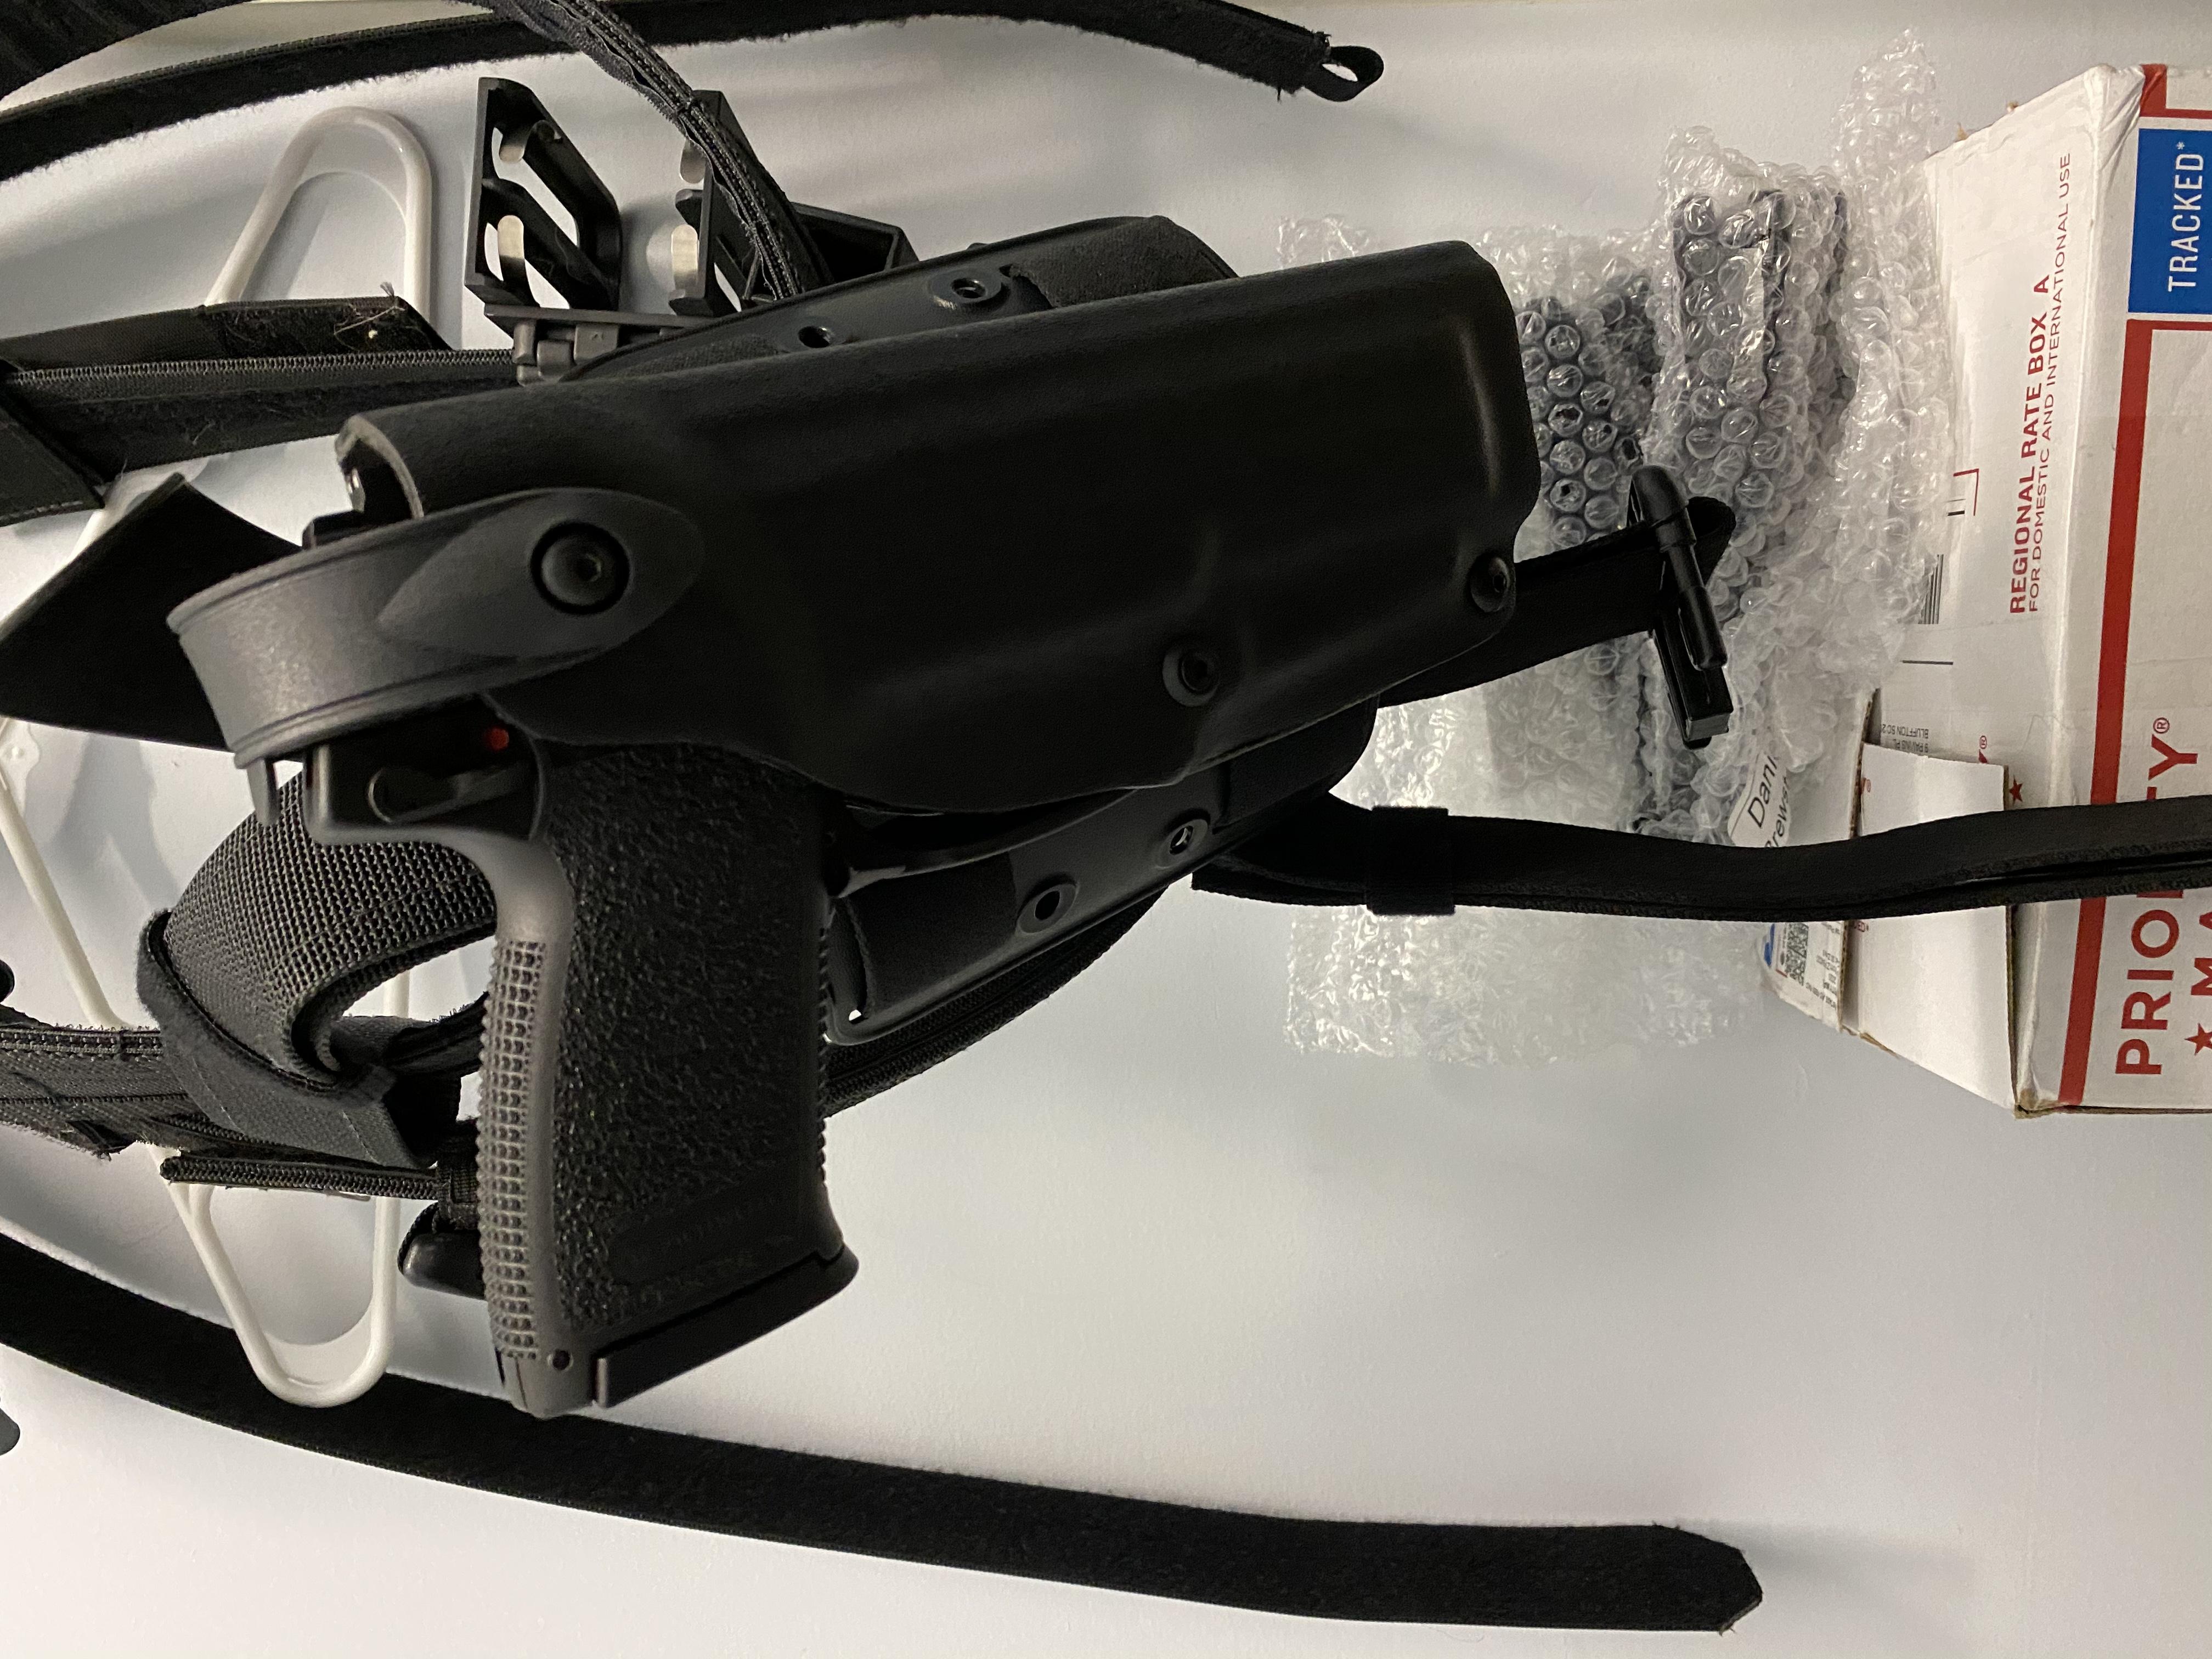 Safariland 6004 Mk 23 thigh holster...-2ed1b15c-6945-48d1-8e22-0b1085b787df.jpeg